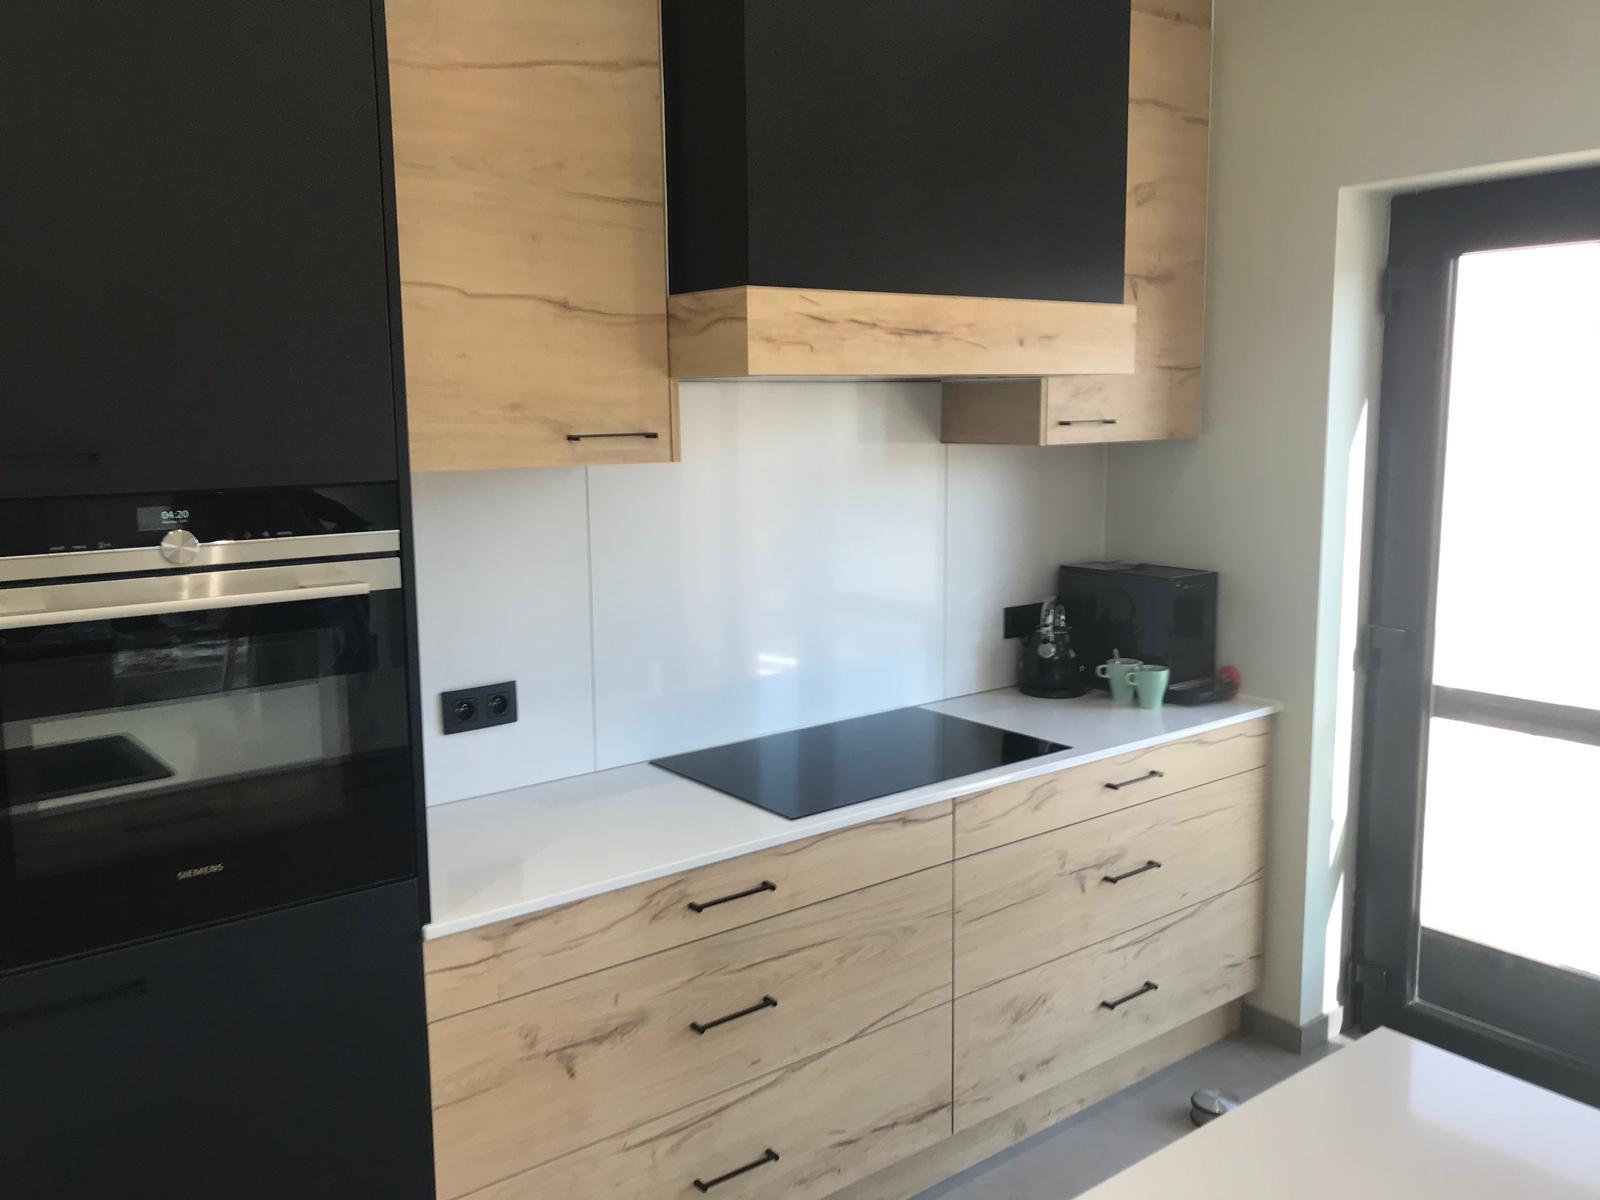 2 Keuken in zwarte laminaat gecombineerd met deuren in houtstructuur